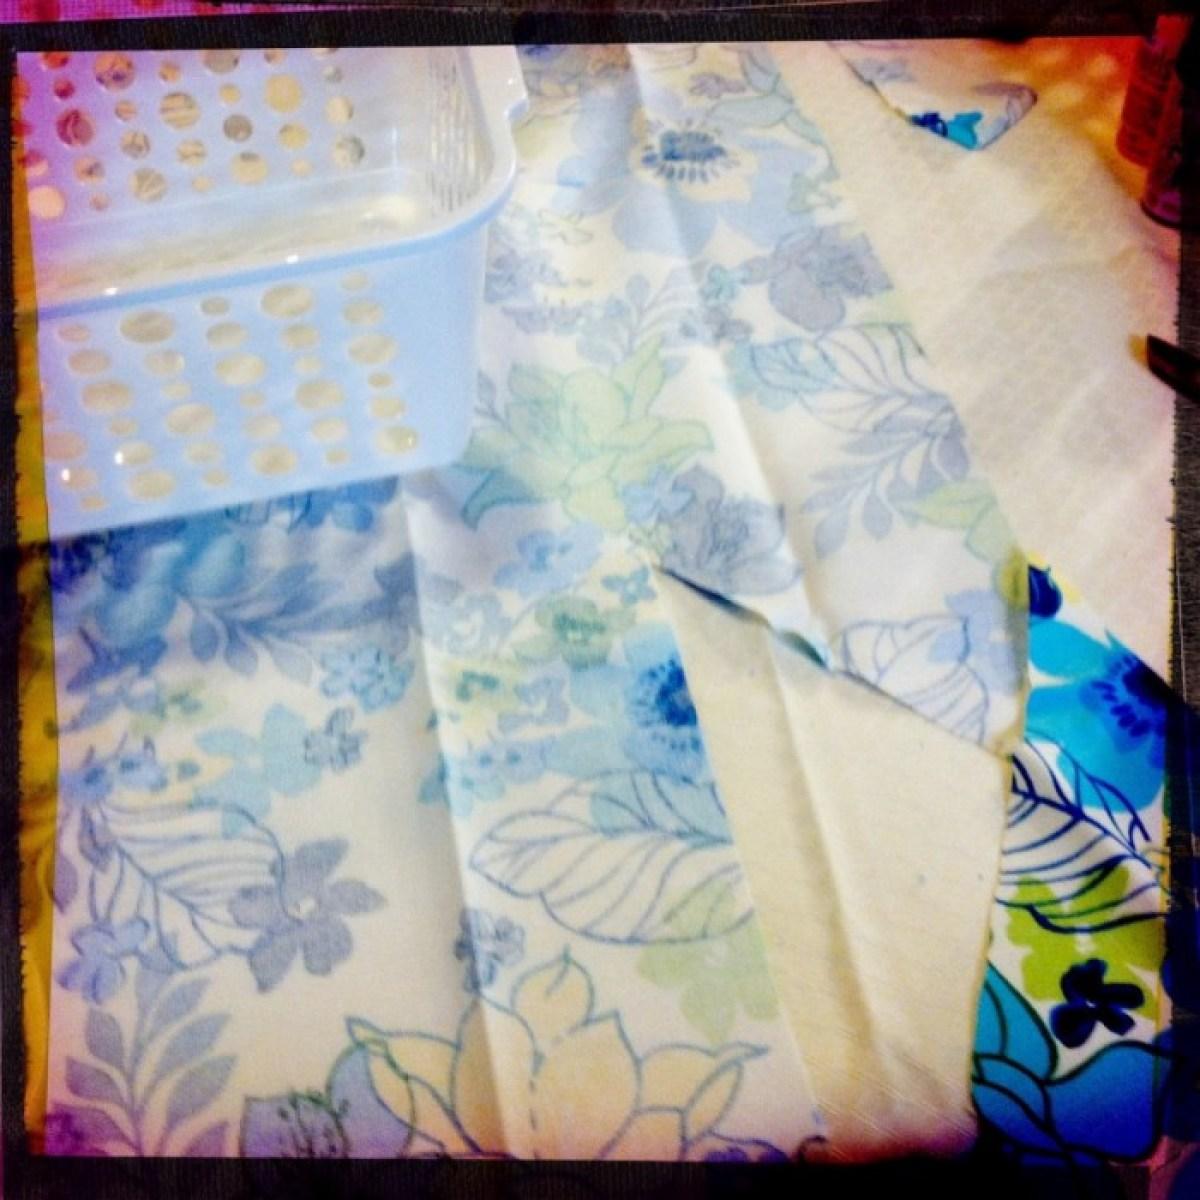 IMG 4047 1 DIY แปลงโฉมตะกร้าพลาสติก เป็นตะกร้าผ้าสุดสวย